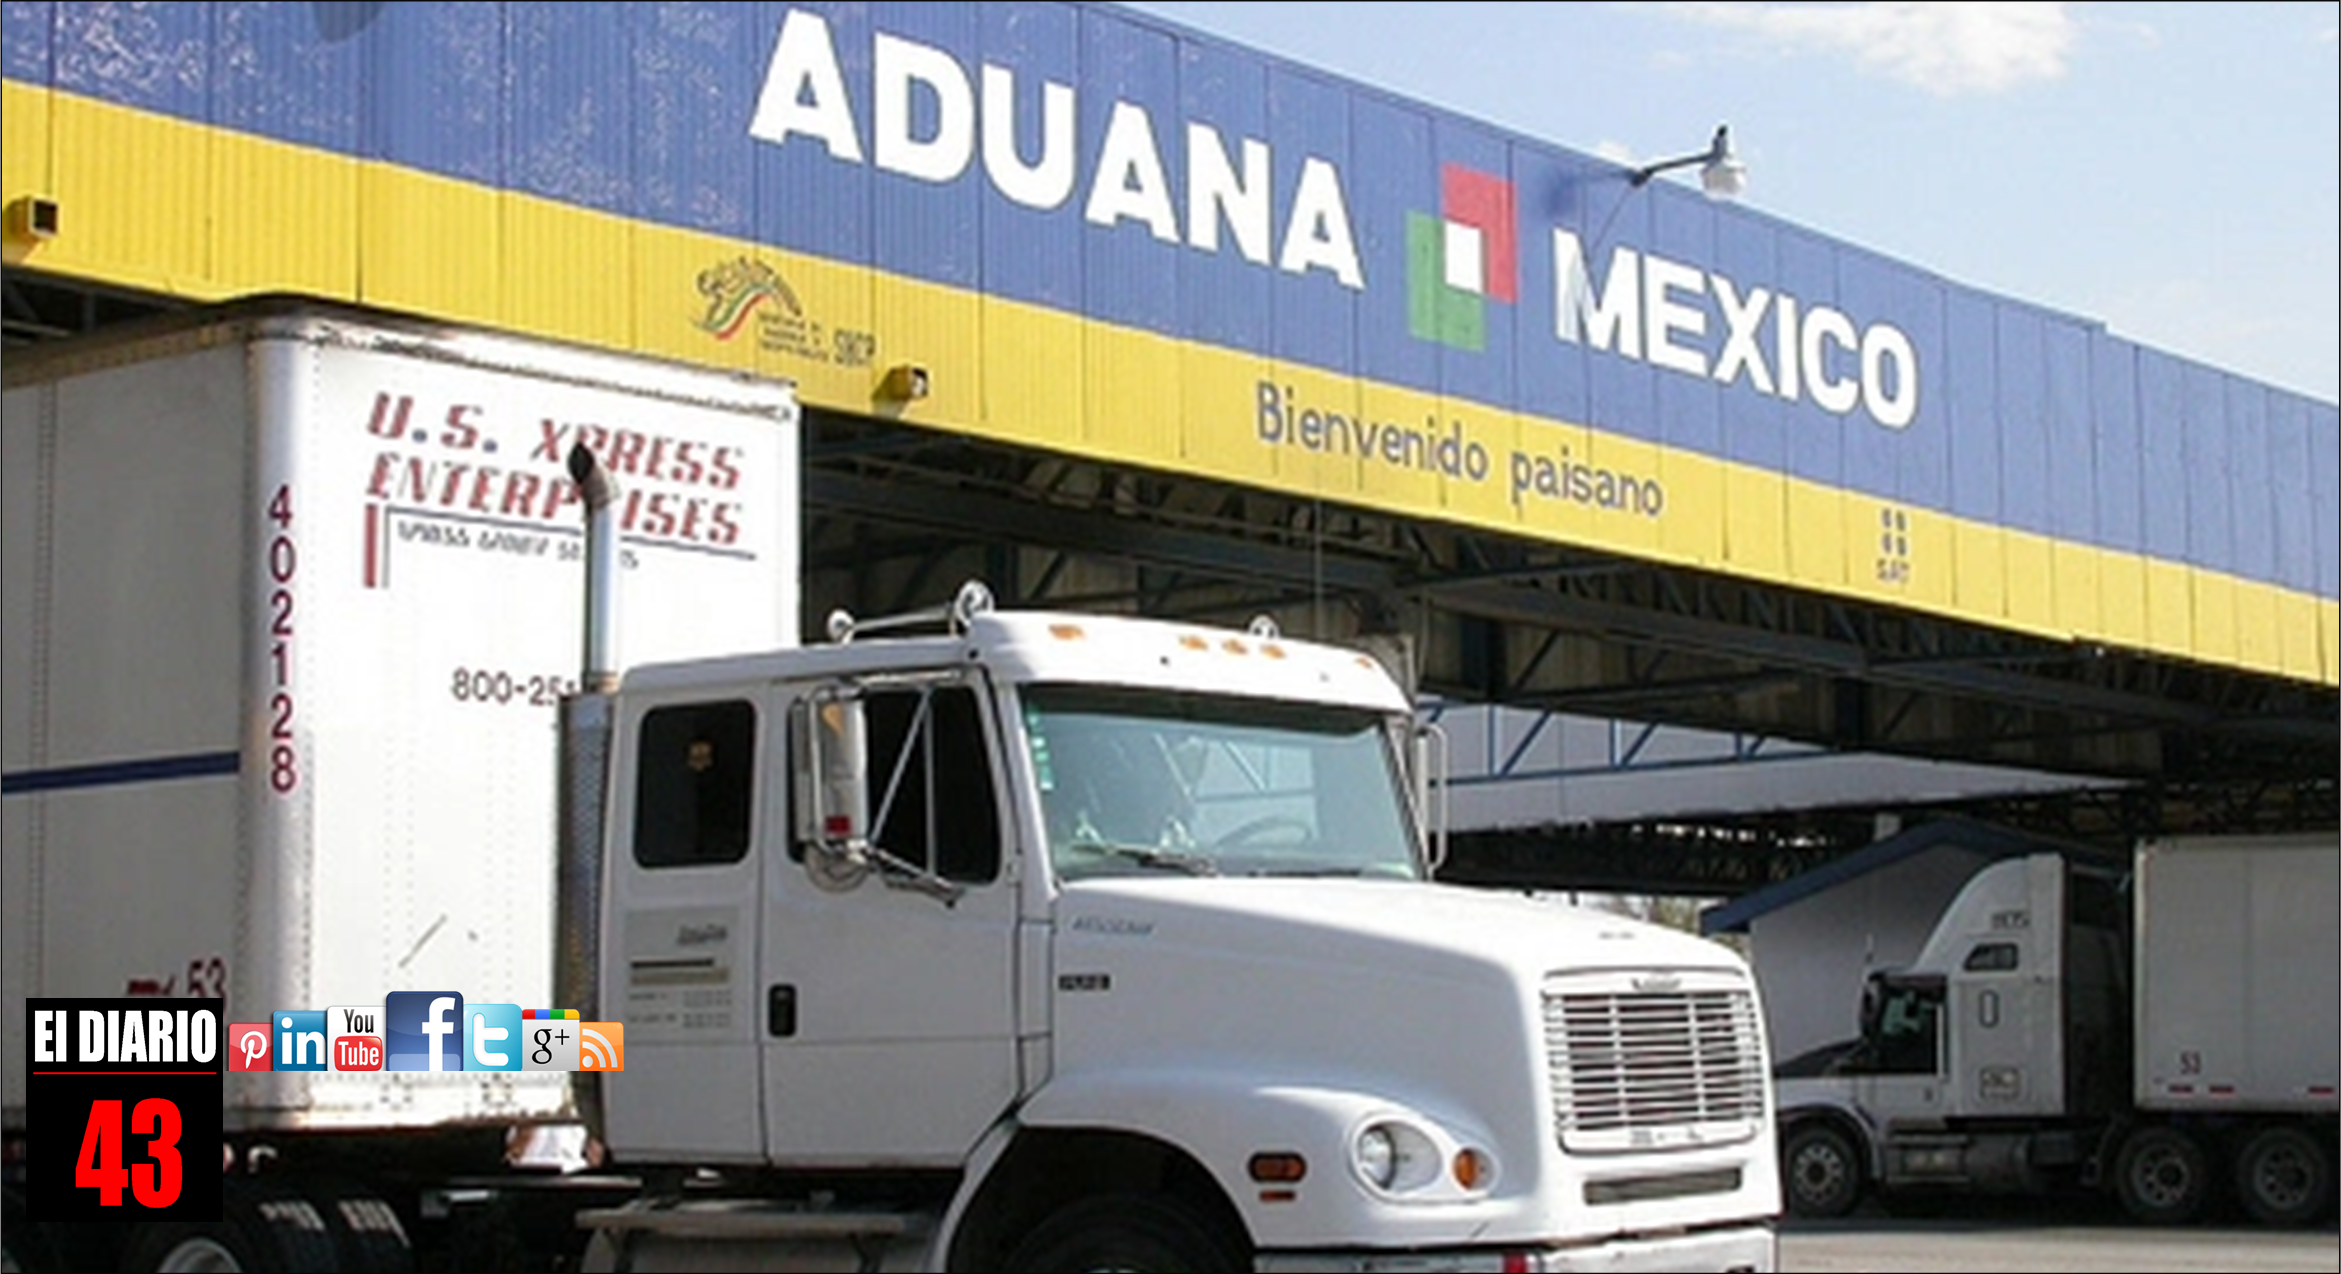 CANACO fronterizas en Tamaulipas tendrán linea directa con nuevo director general de aduanas